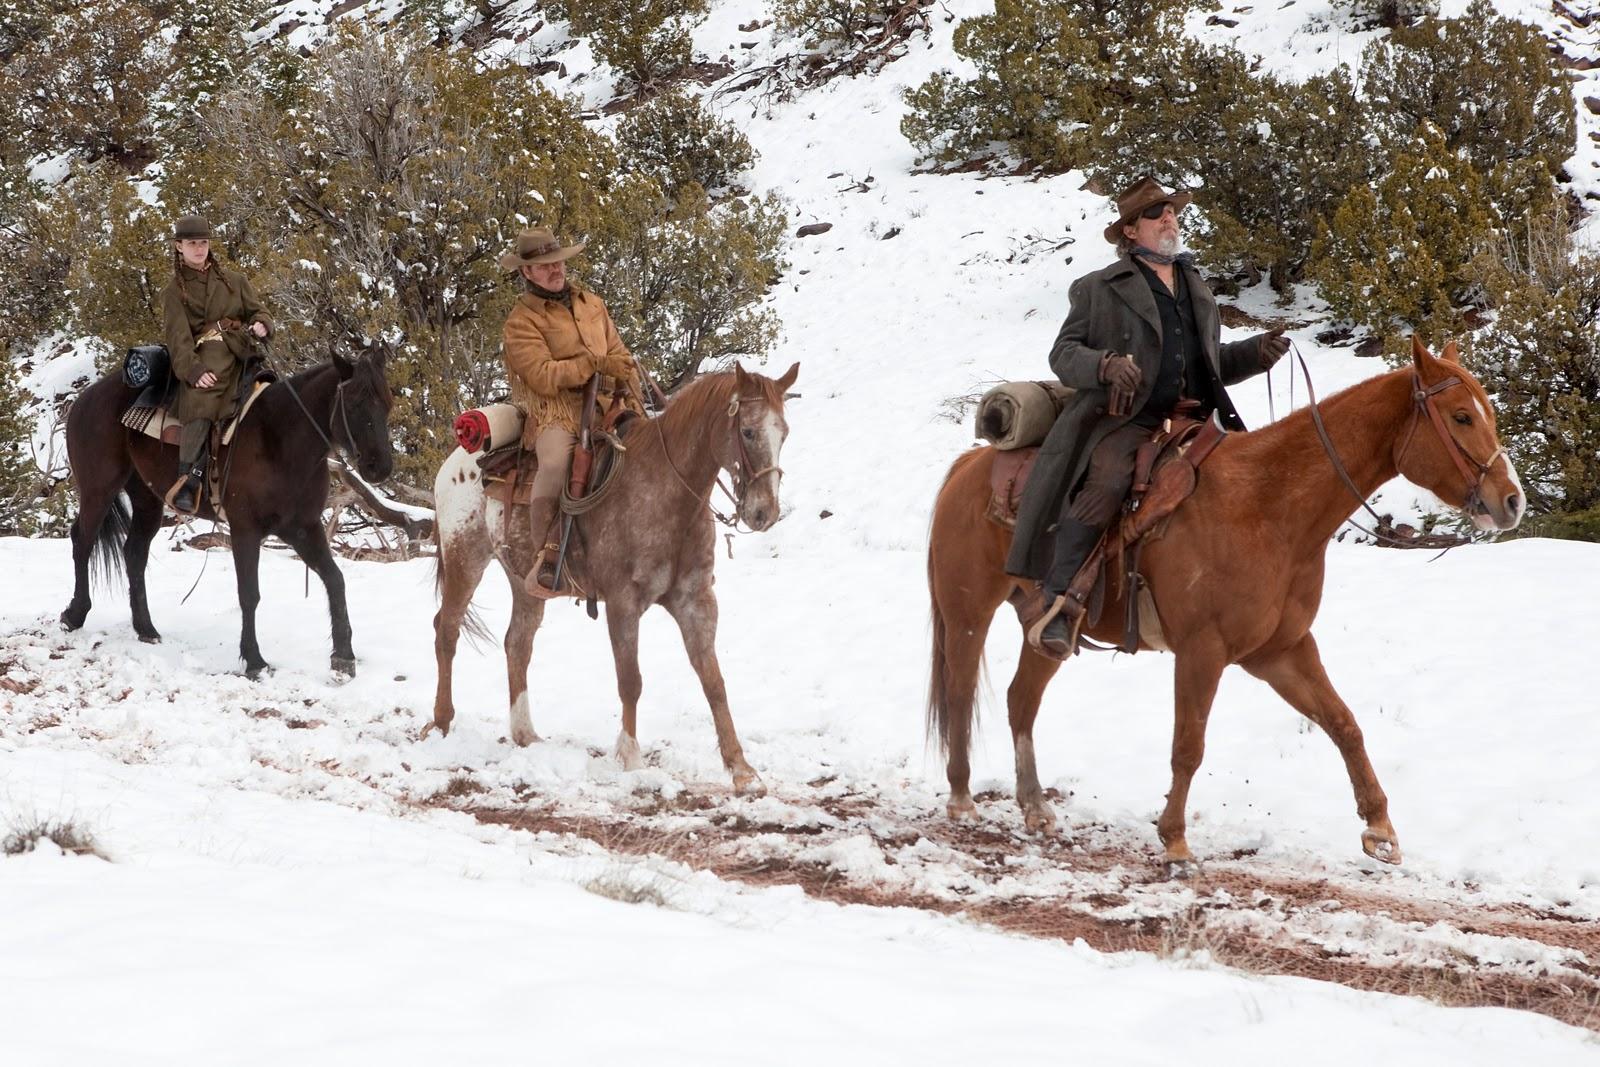 Trecho do filme Bravura Indômita. Na imagem, três pessoas estão montadas em três cavalos, que cavalgam na neve. No primeiro cavalo da frente, um homem usa um tapa-olho. No cavalo do meio, um homem veste roupa de cowboy normal. No último cavalo quem está em cima é uma garotinha.